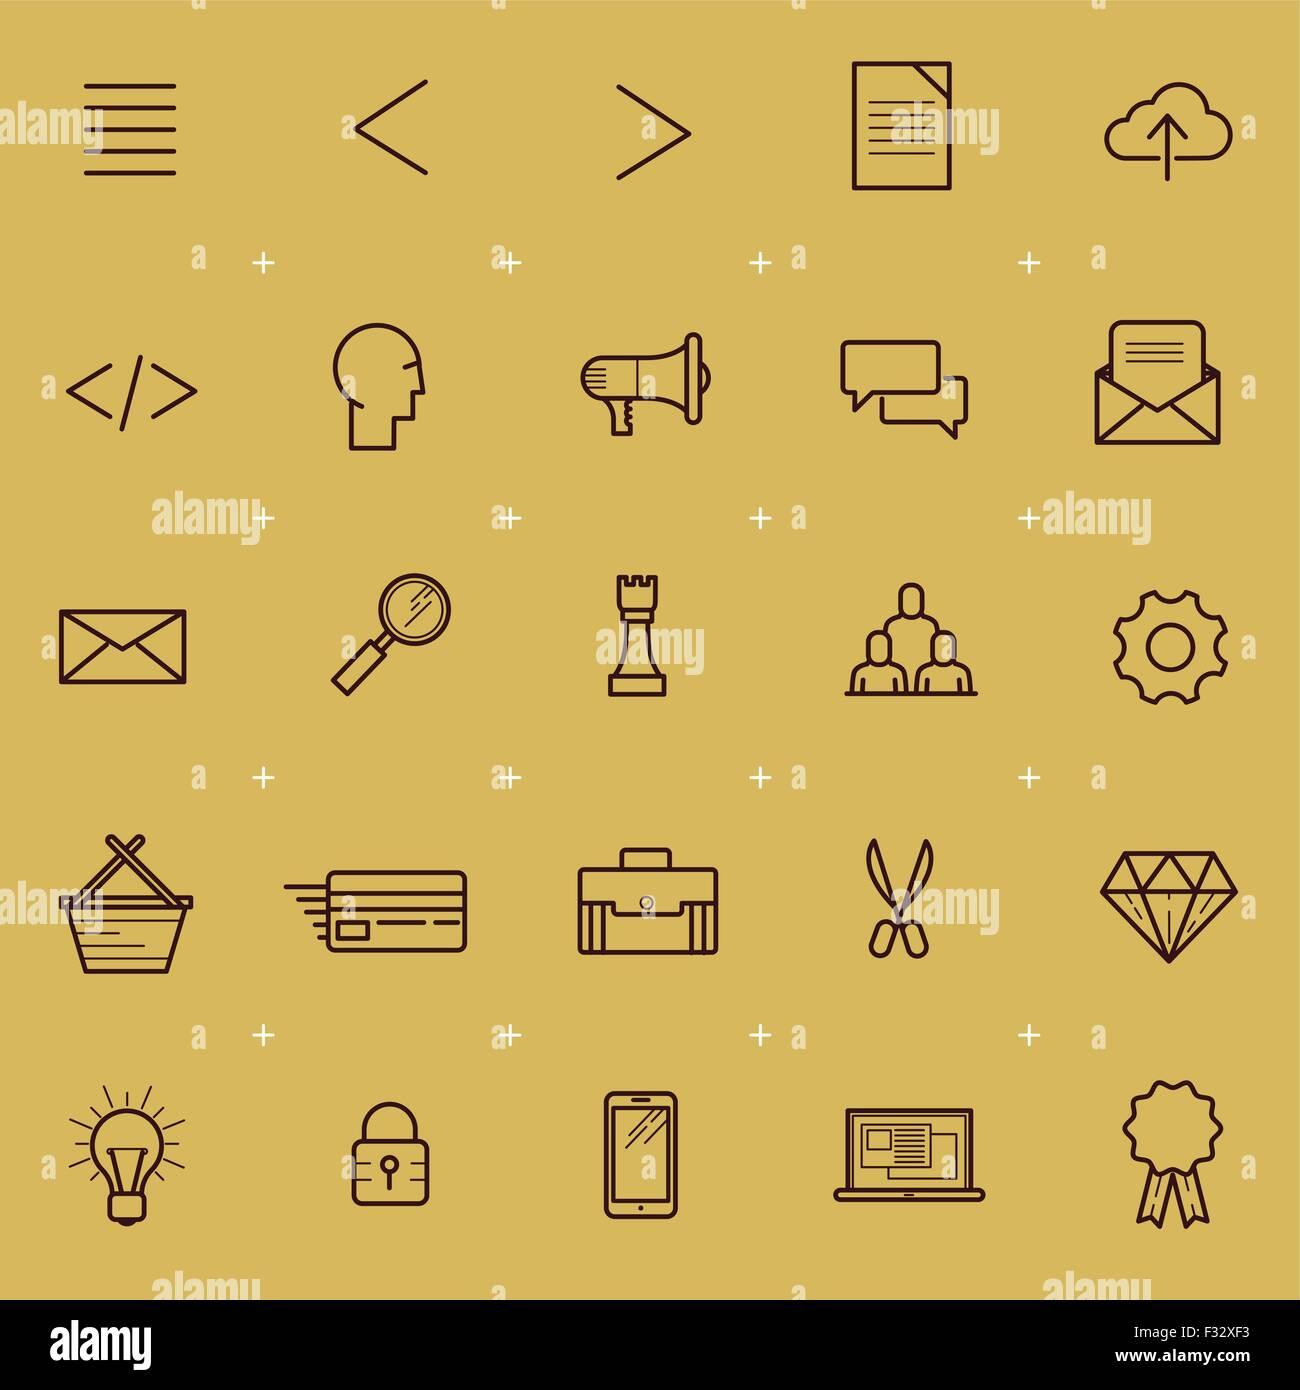 Web e interfaccia Icon Set. Una collezione di Internet e icone di navigazione. Illustrazione Vettoriale. Immagini Stock